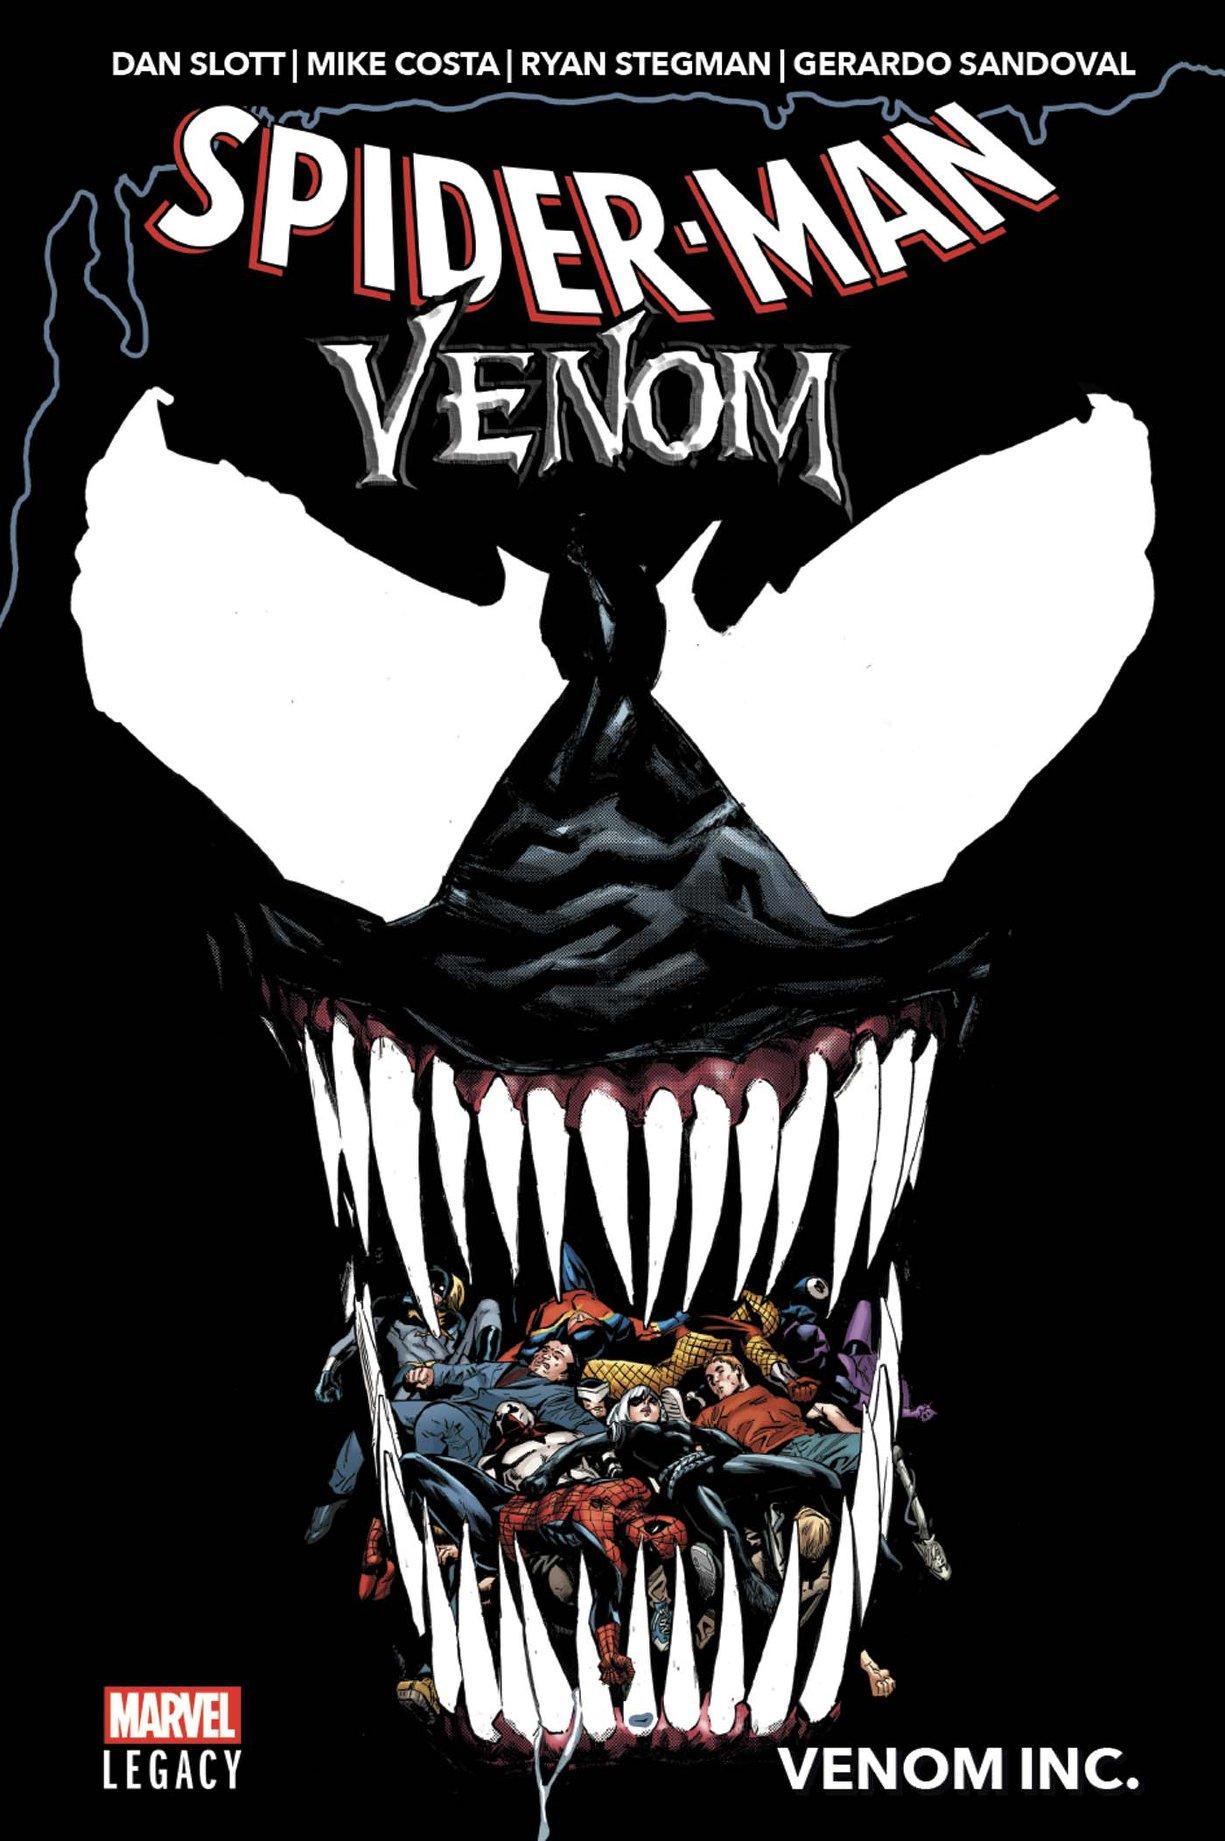 MARVEL LEGACY : SPIDER-MAN/VENOM – VENOM INC.